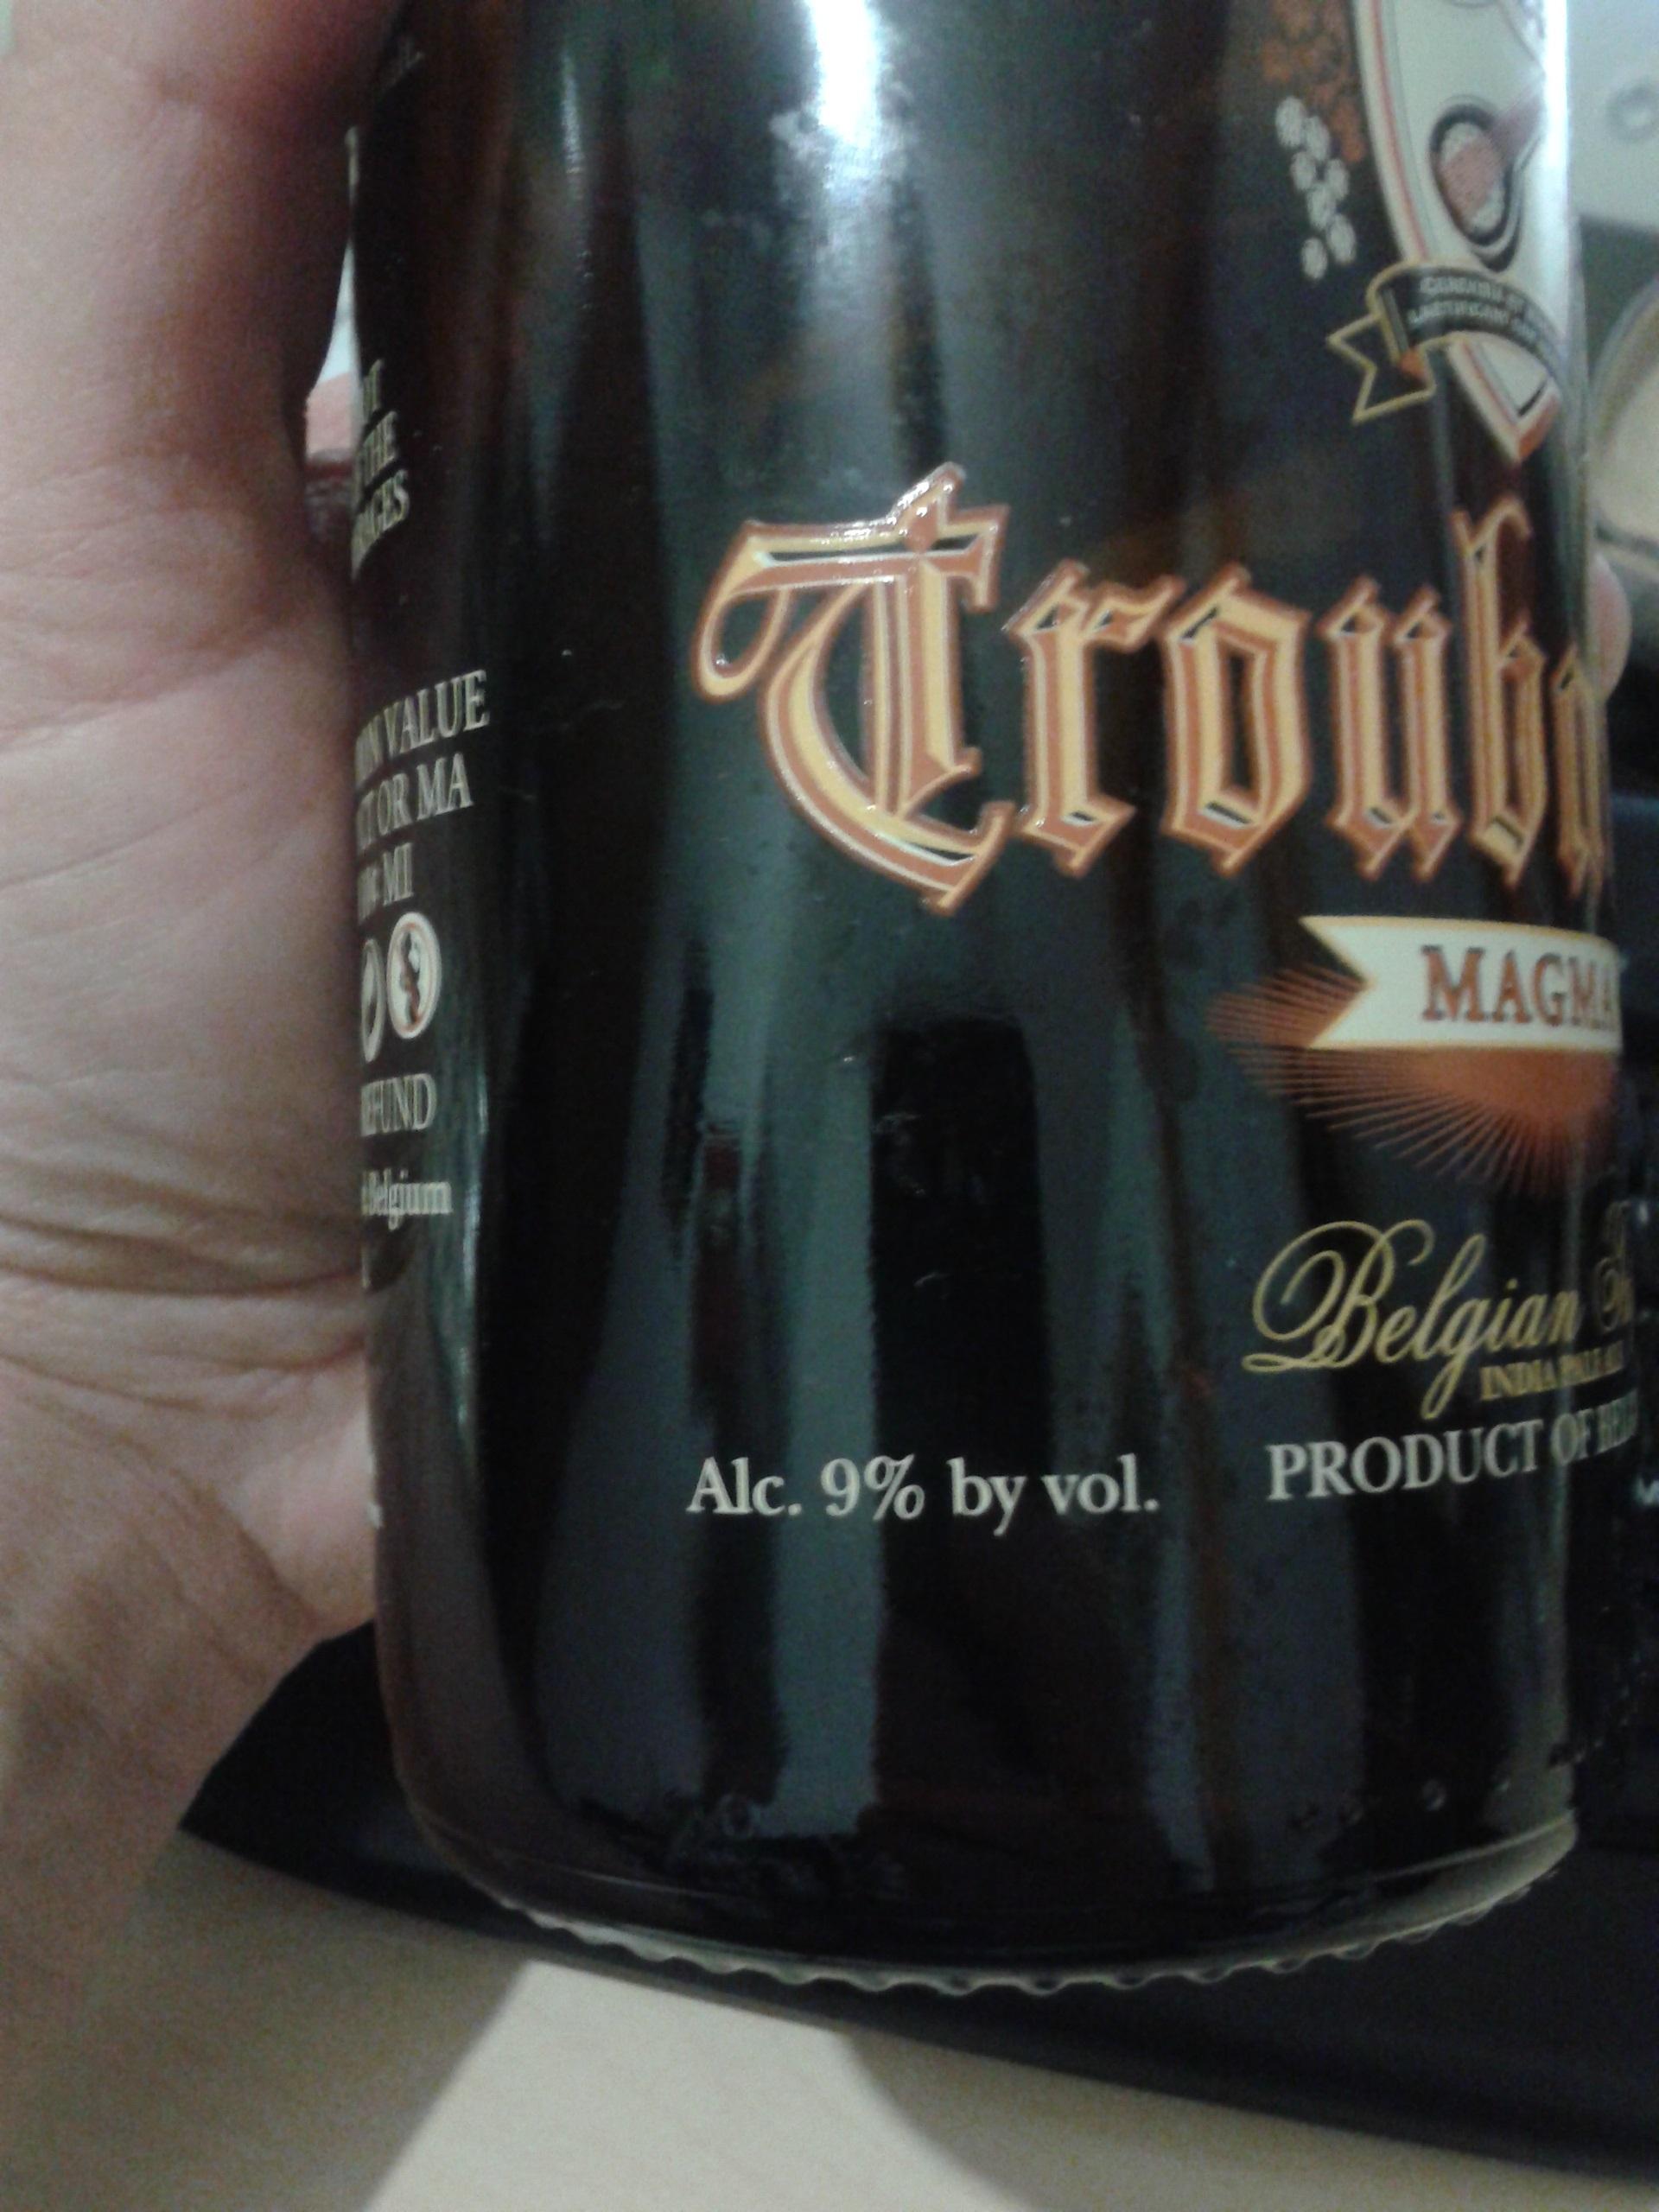 Il titolo alcolometrico é chiaramente leggibile su questa bottiglia di birra Troubadour belga.